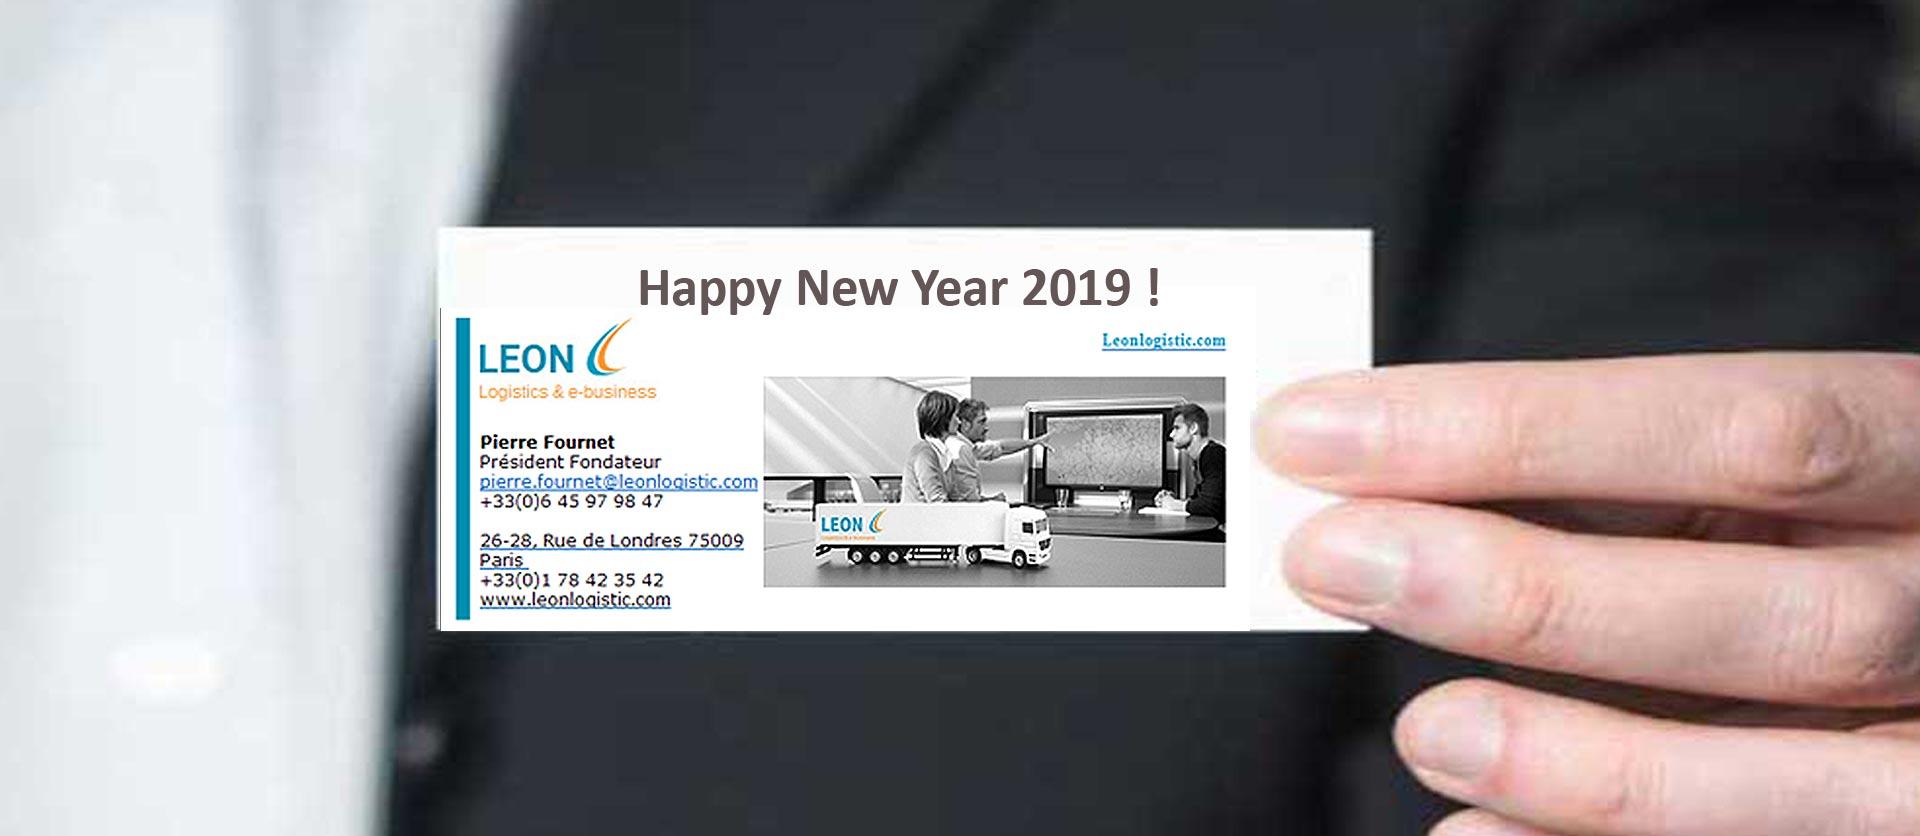 Toute l'équipe de LEON vous souhaite une excellente année 2019 !